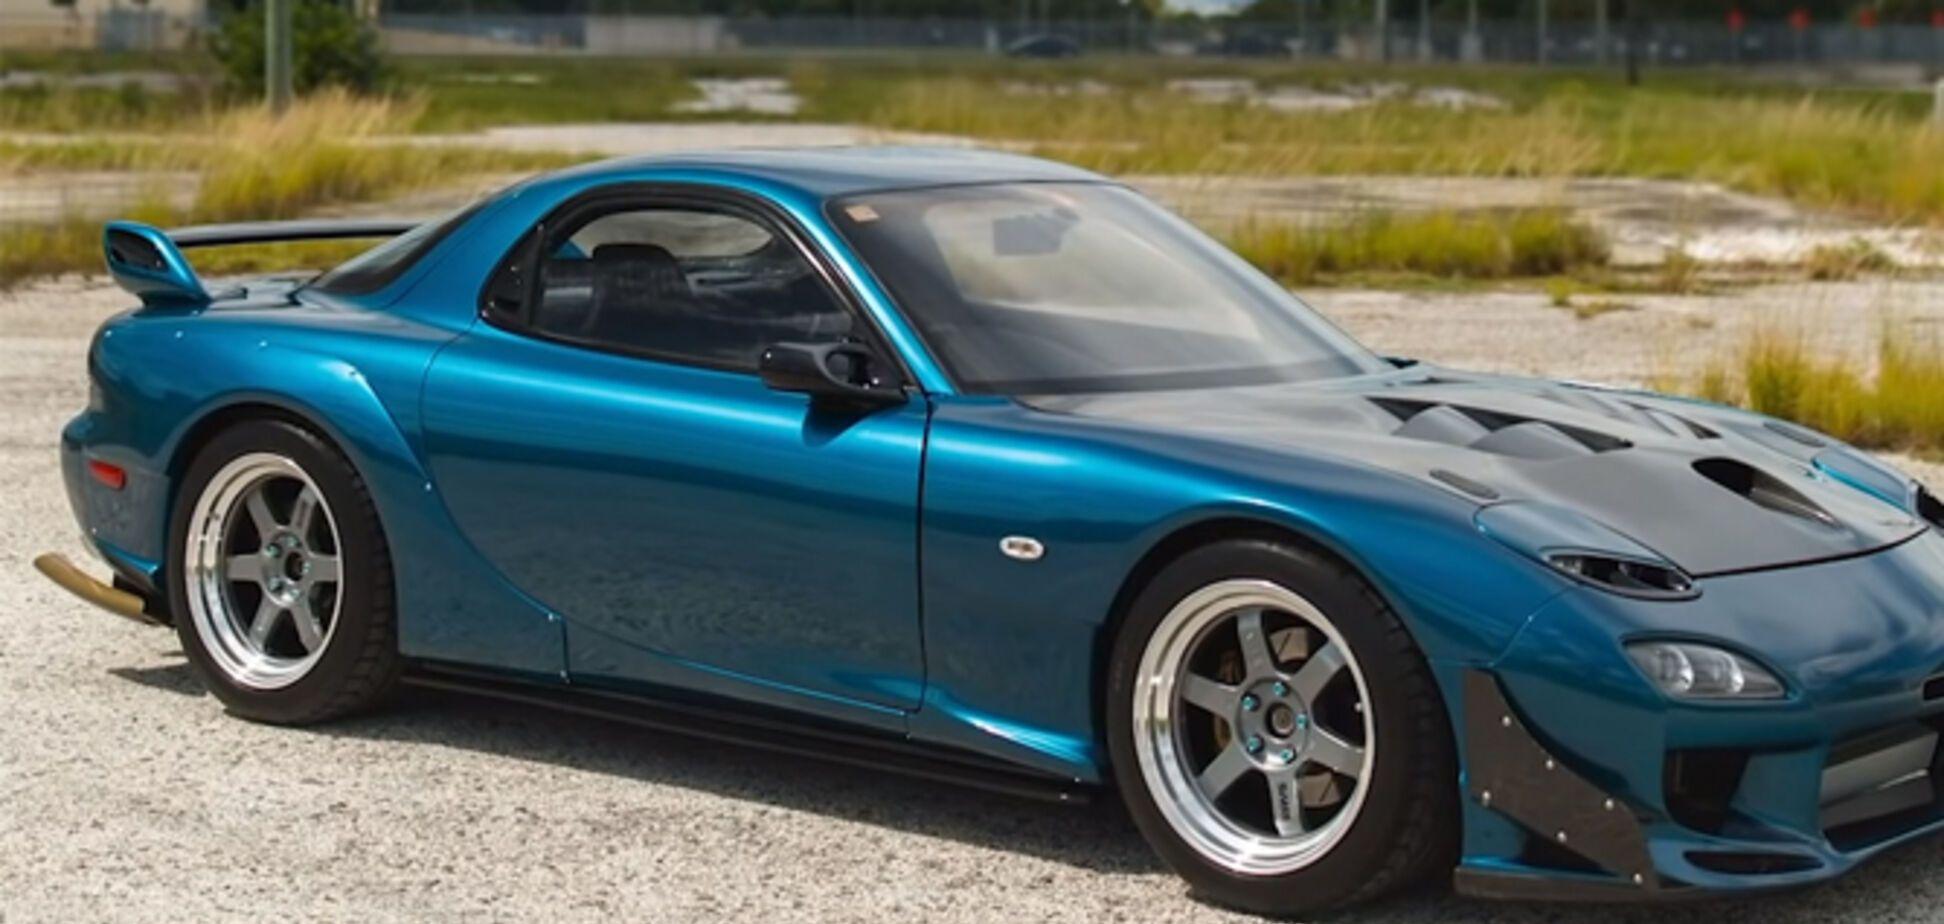 Придбану за $1500 Mazda перетворили на автомобіль мрії